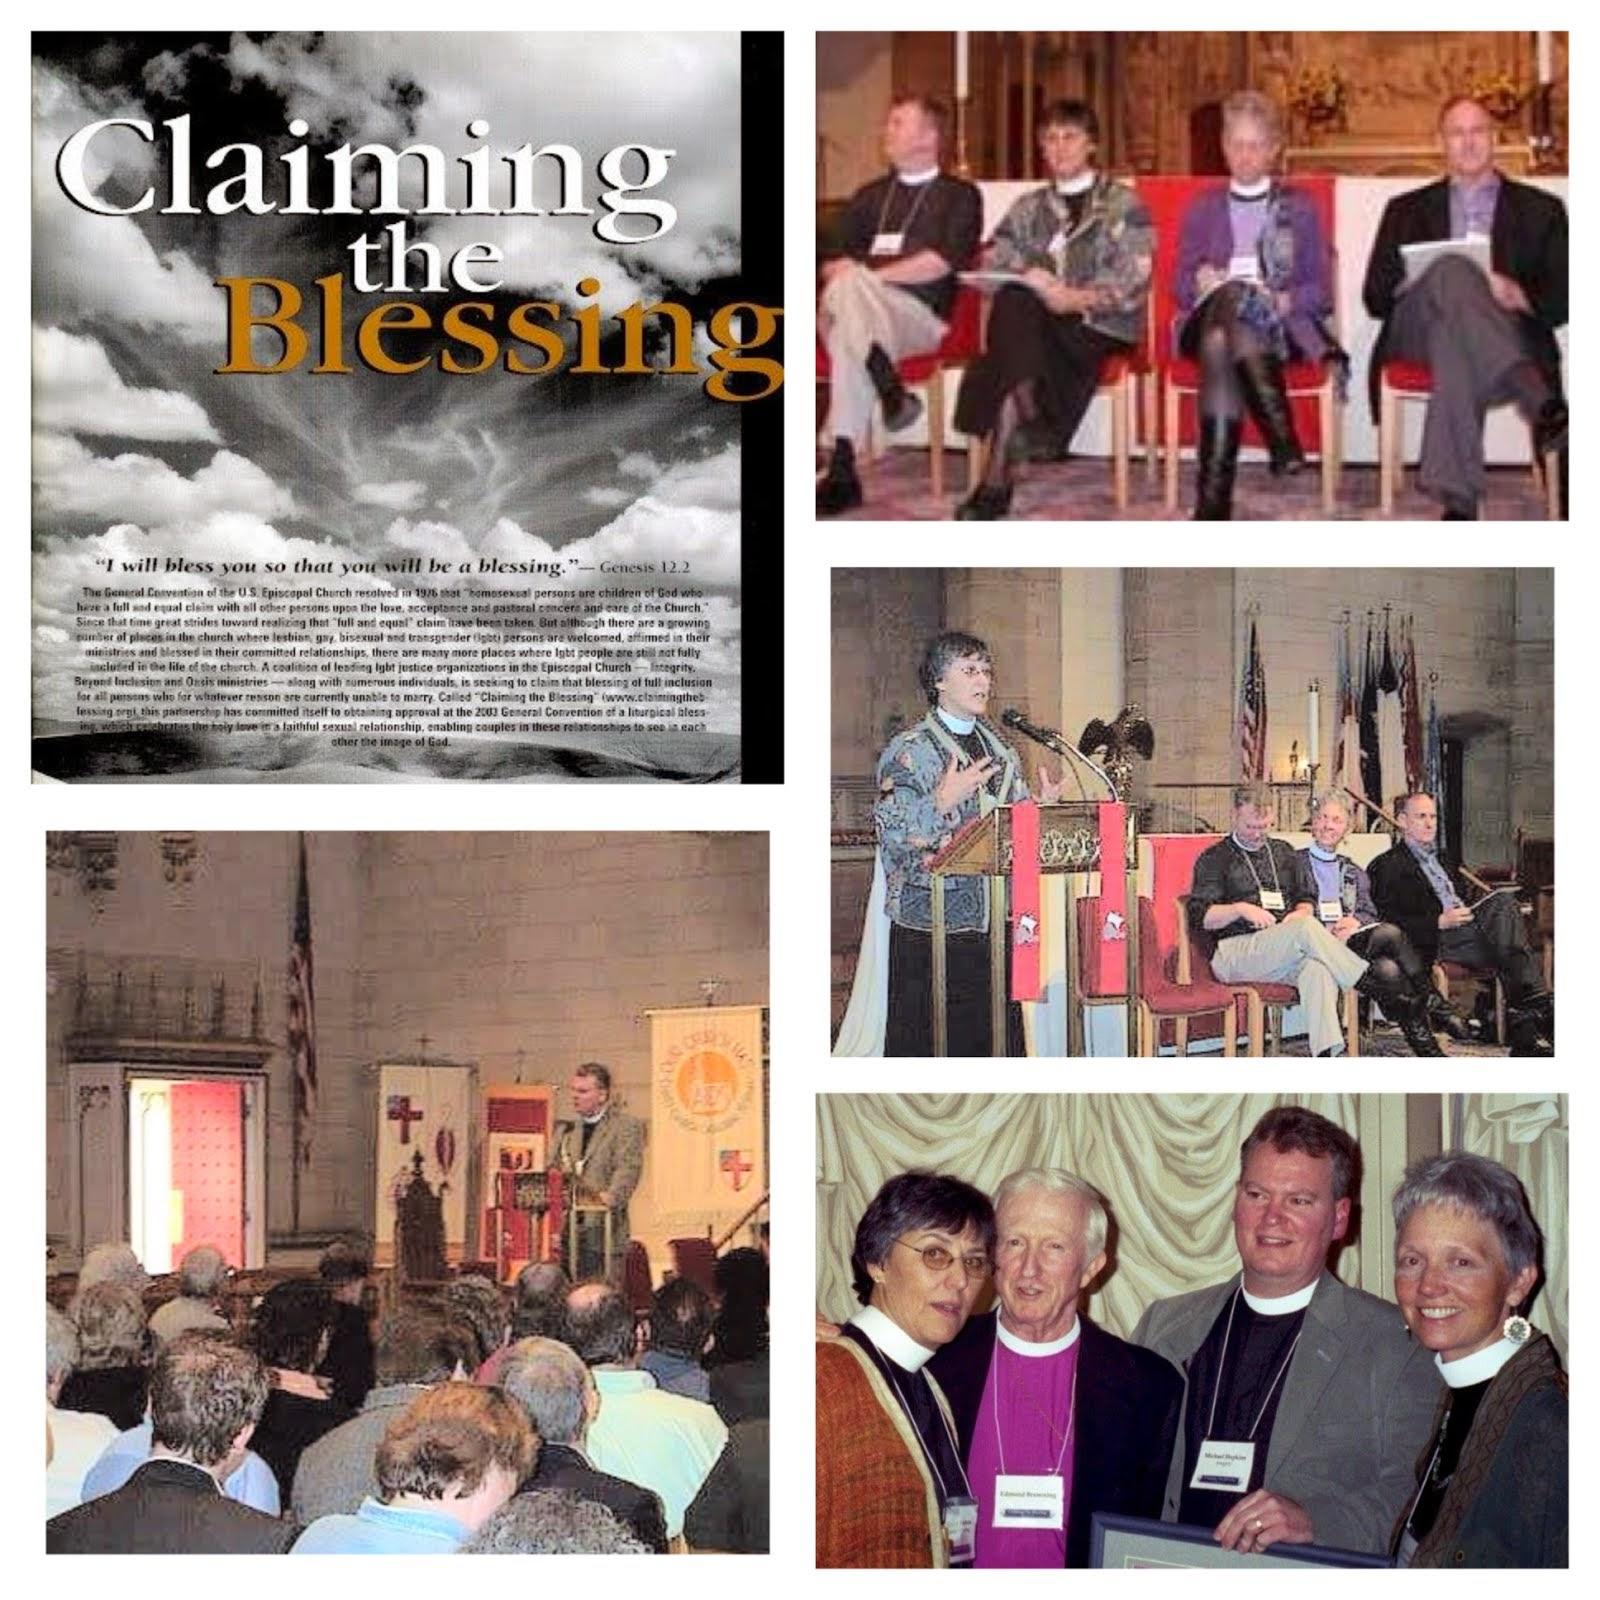 CTB: St. Louis 2002